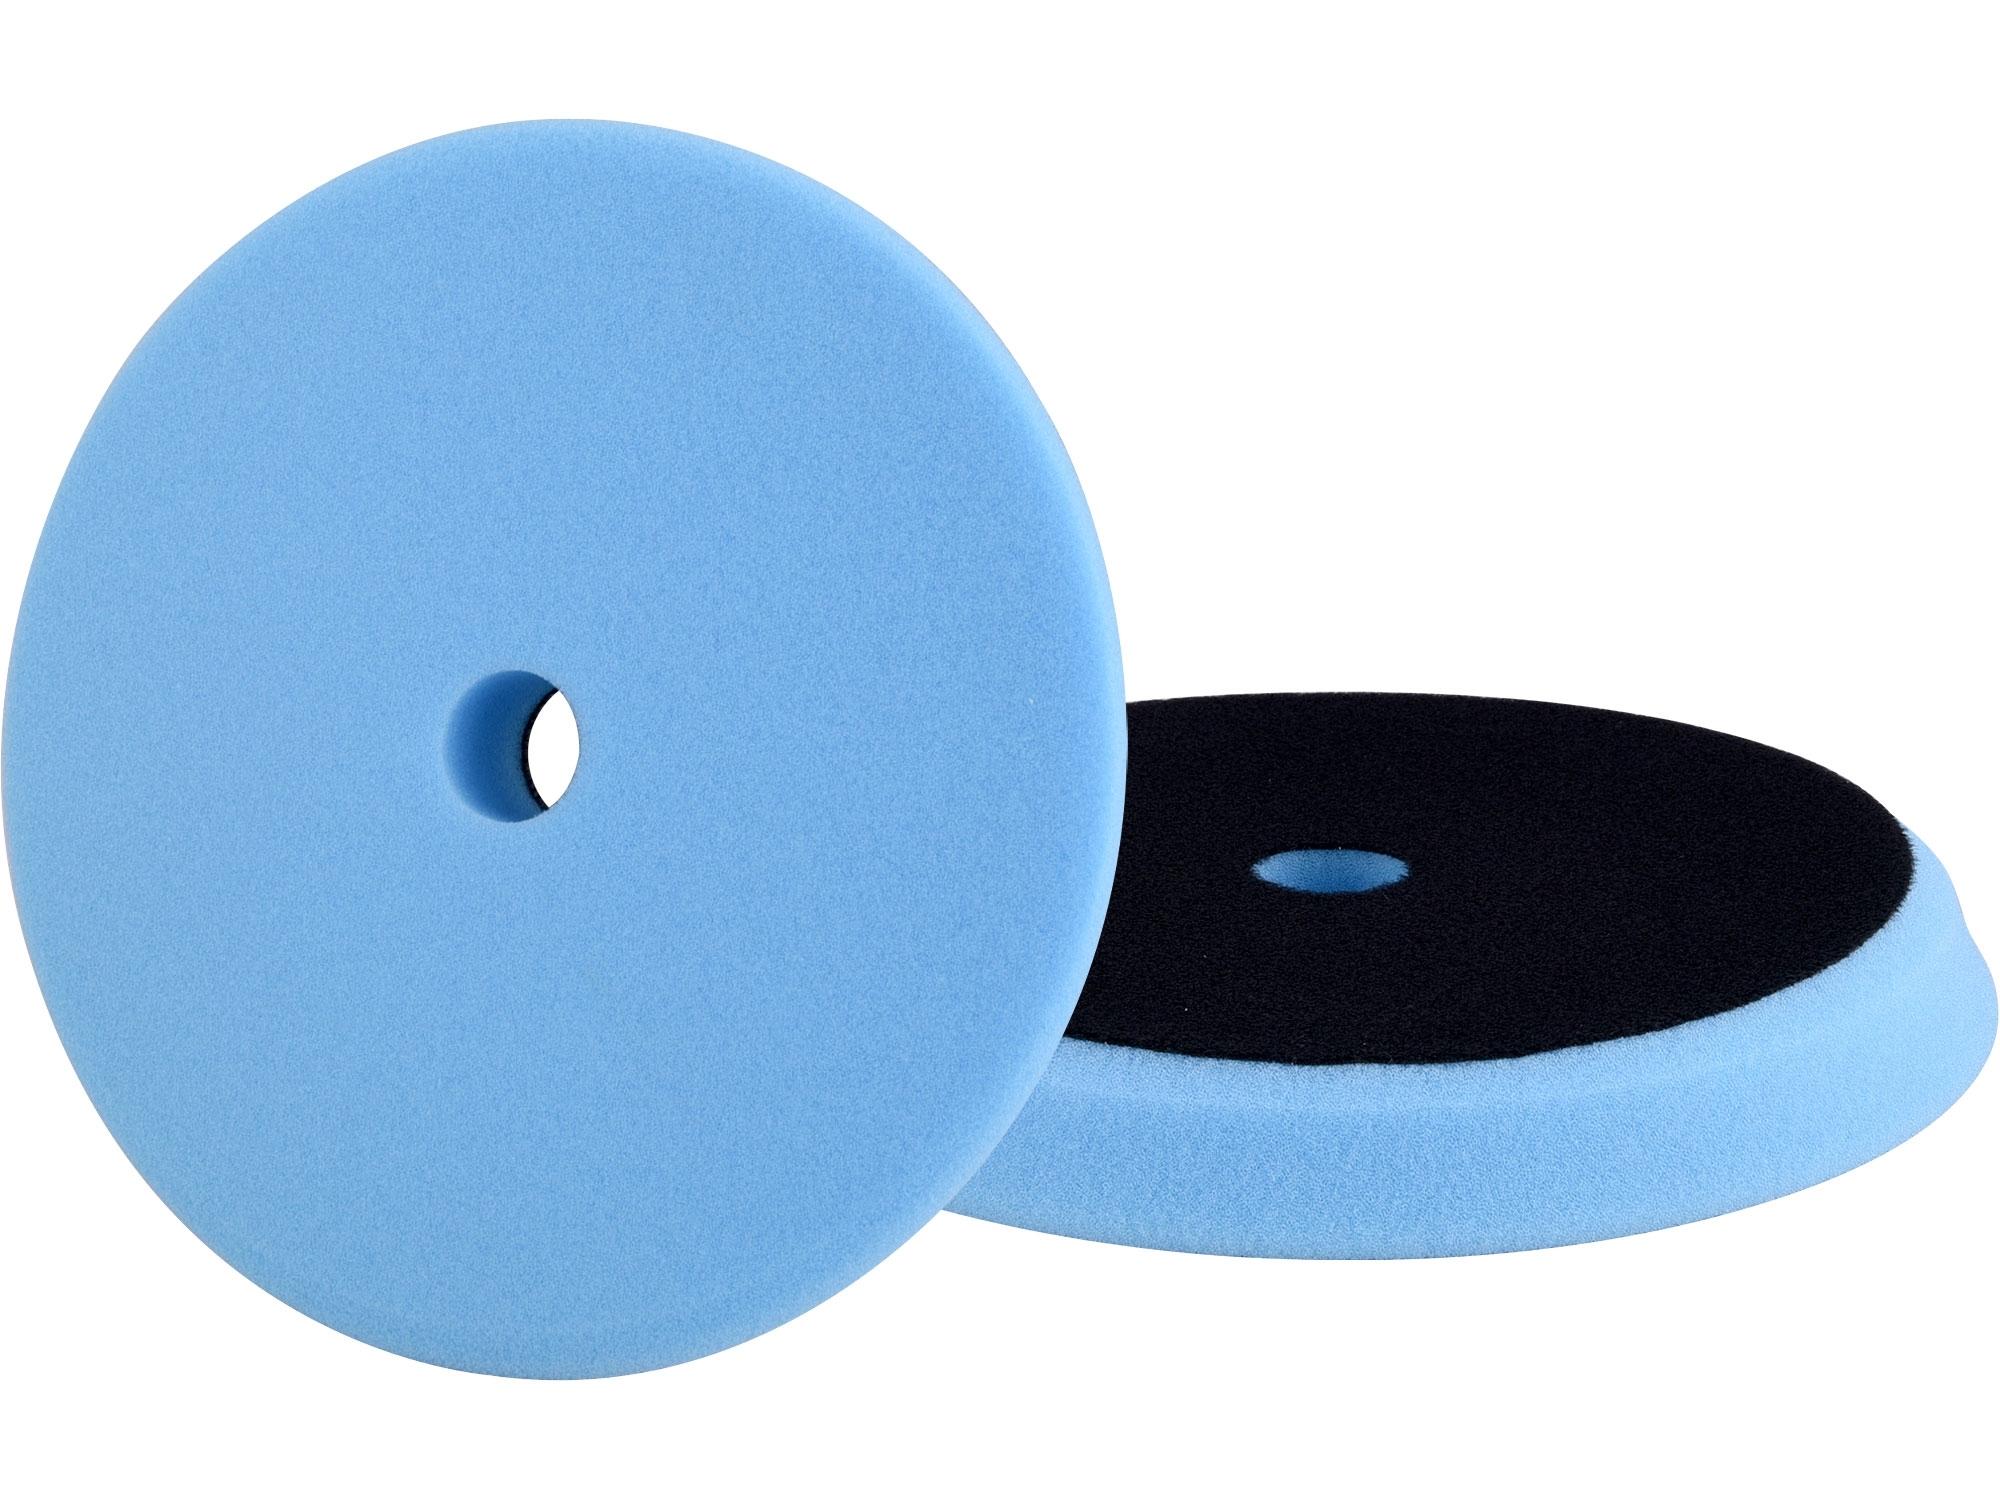 kotouč leštící pěnový, orbitální, T60, modrý, ⌀180x25mm, suchý zip ⌀152mm